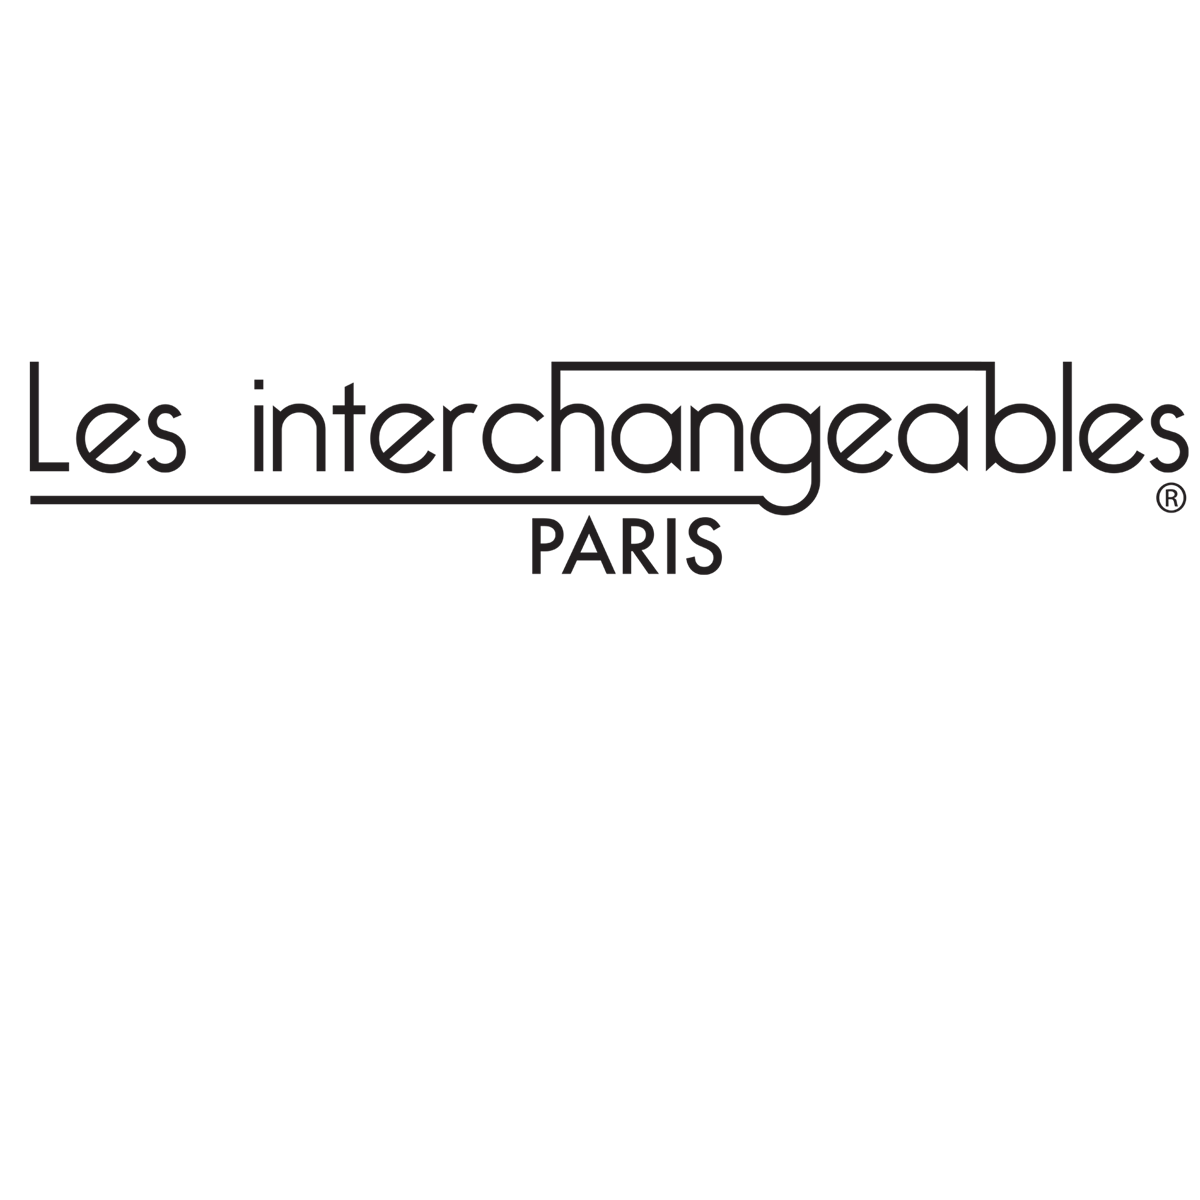 Les interchangeables Paris Bracelet